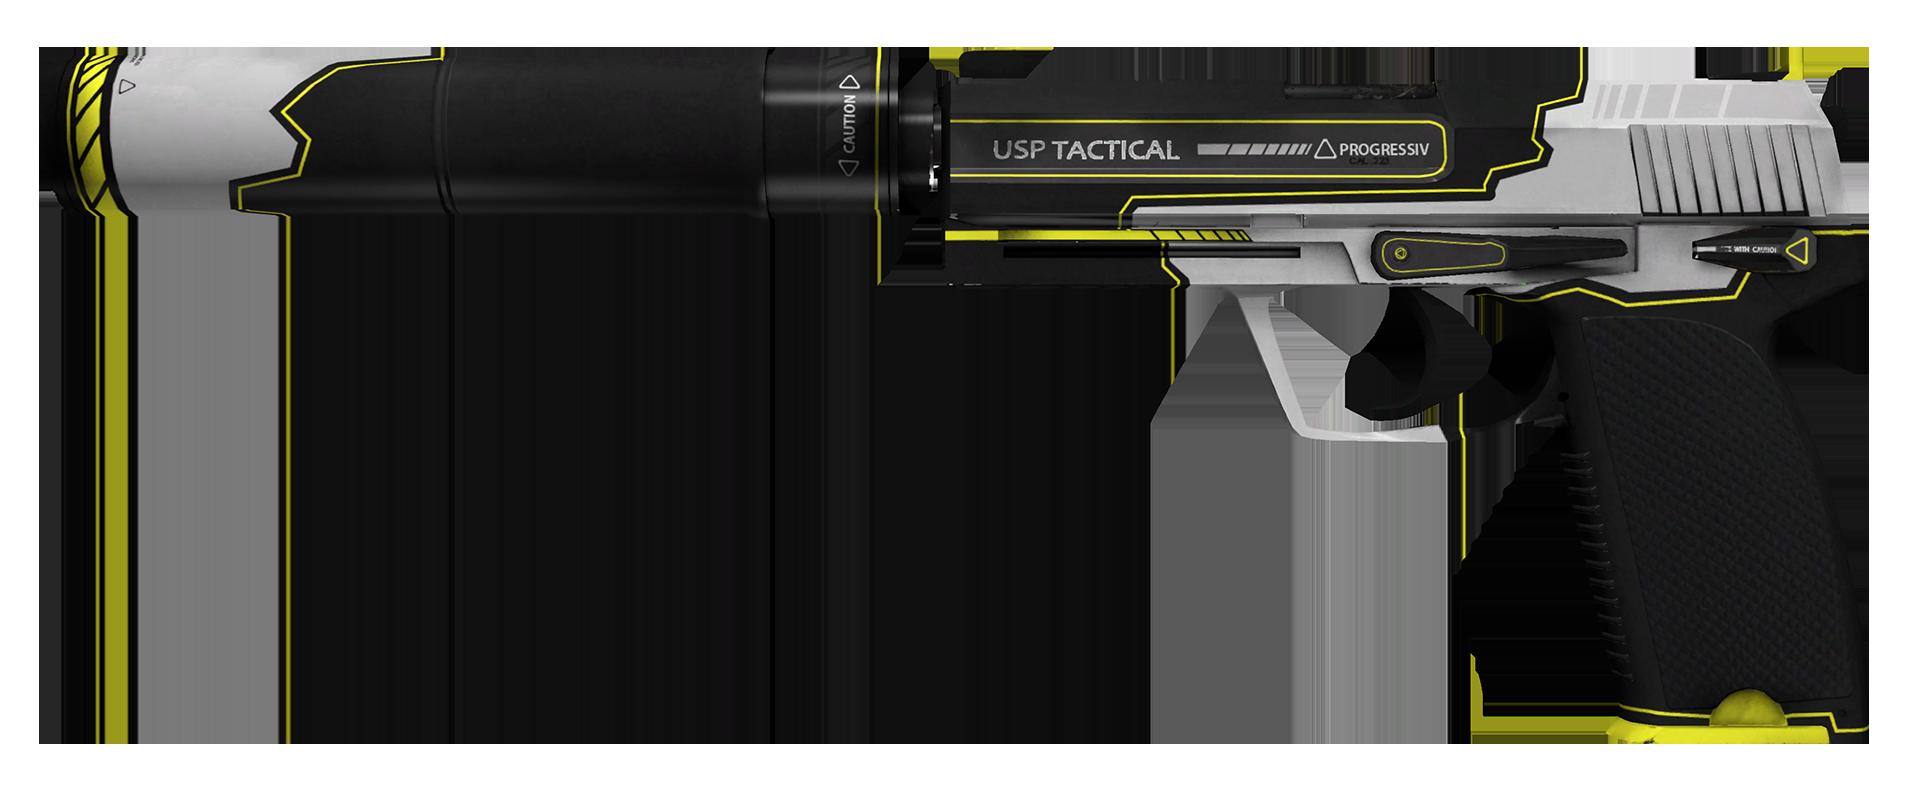 Картинки пистолета из кс го юсп